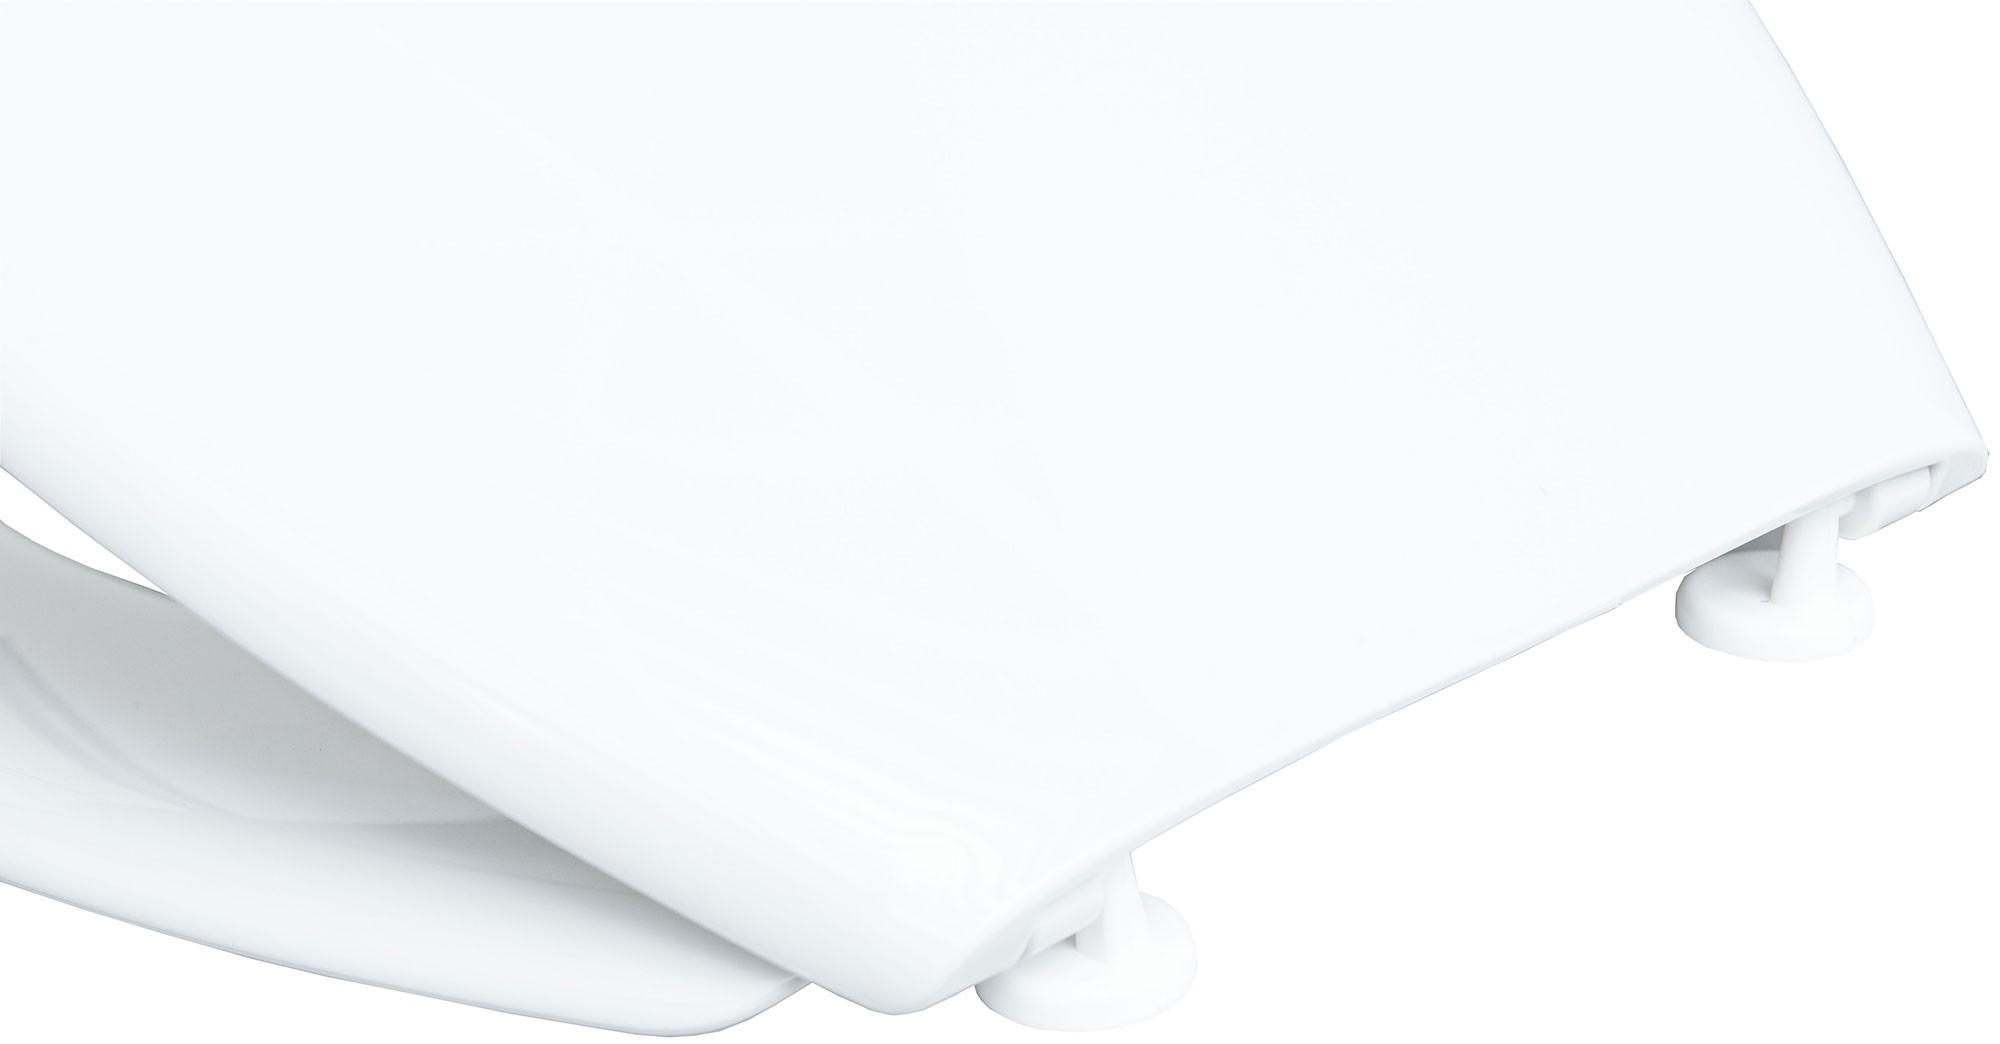 Cornat WC-Sitz / Toilettendeckel Palu Thermoplast weiß Bild 4